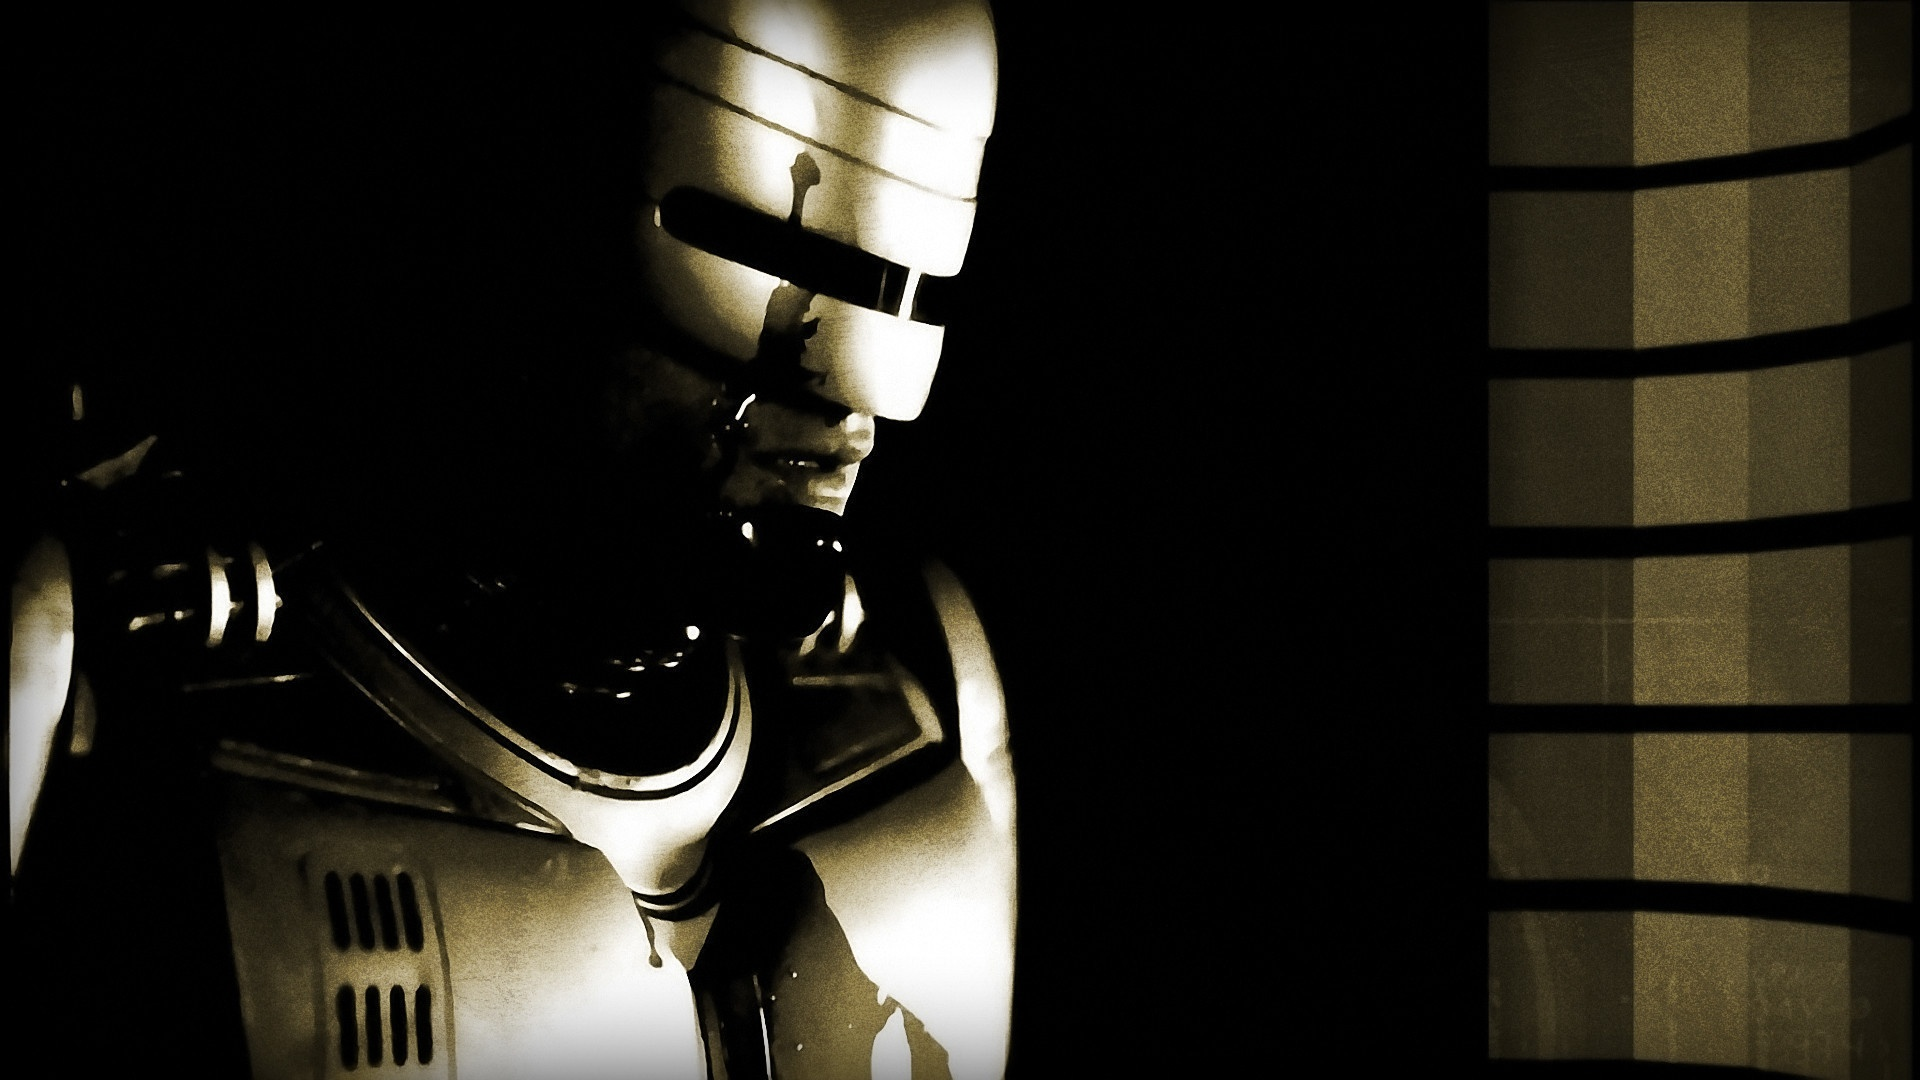 RoboCop 2013 Movie